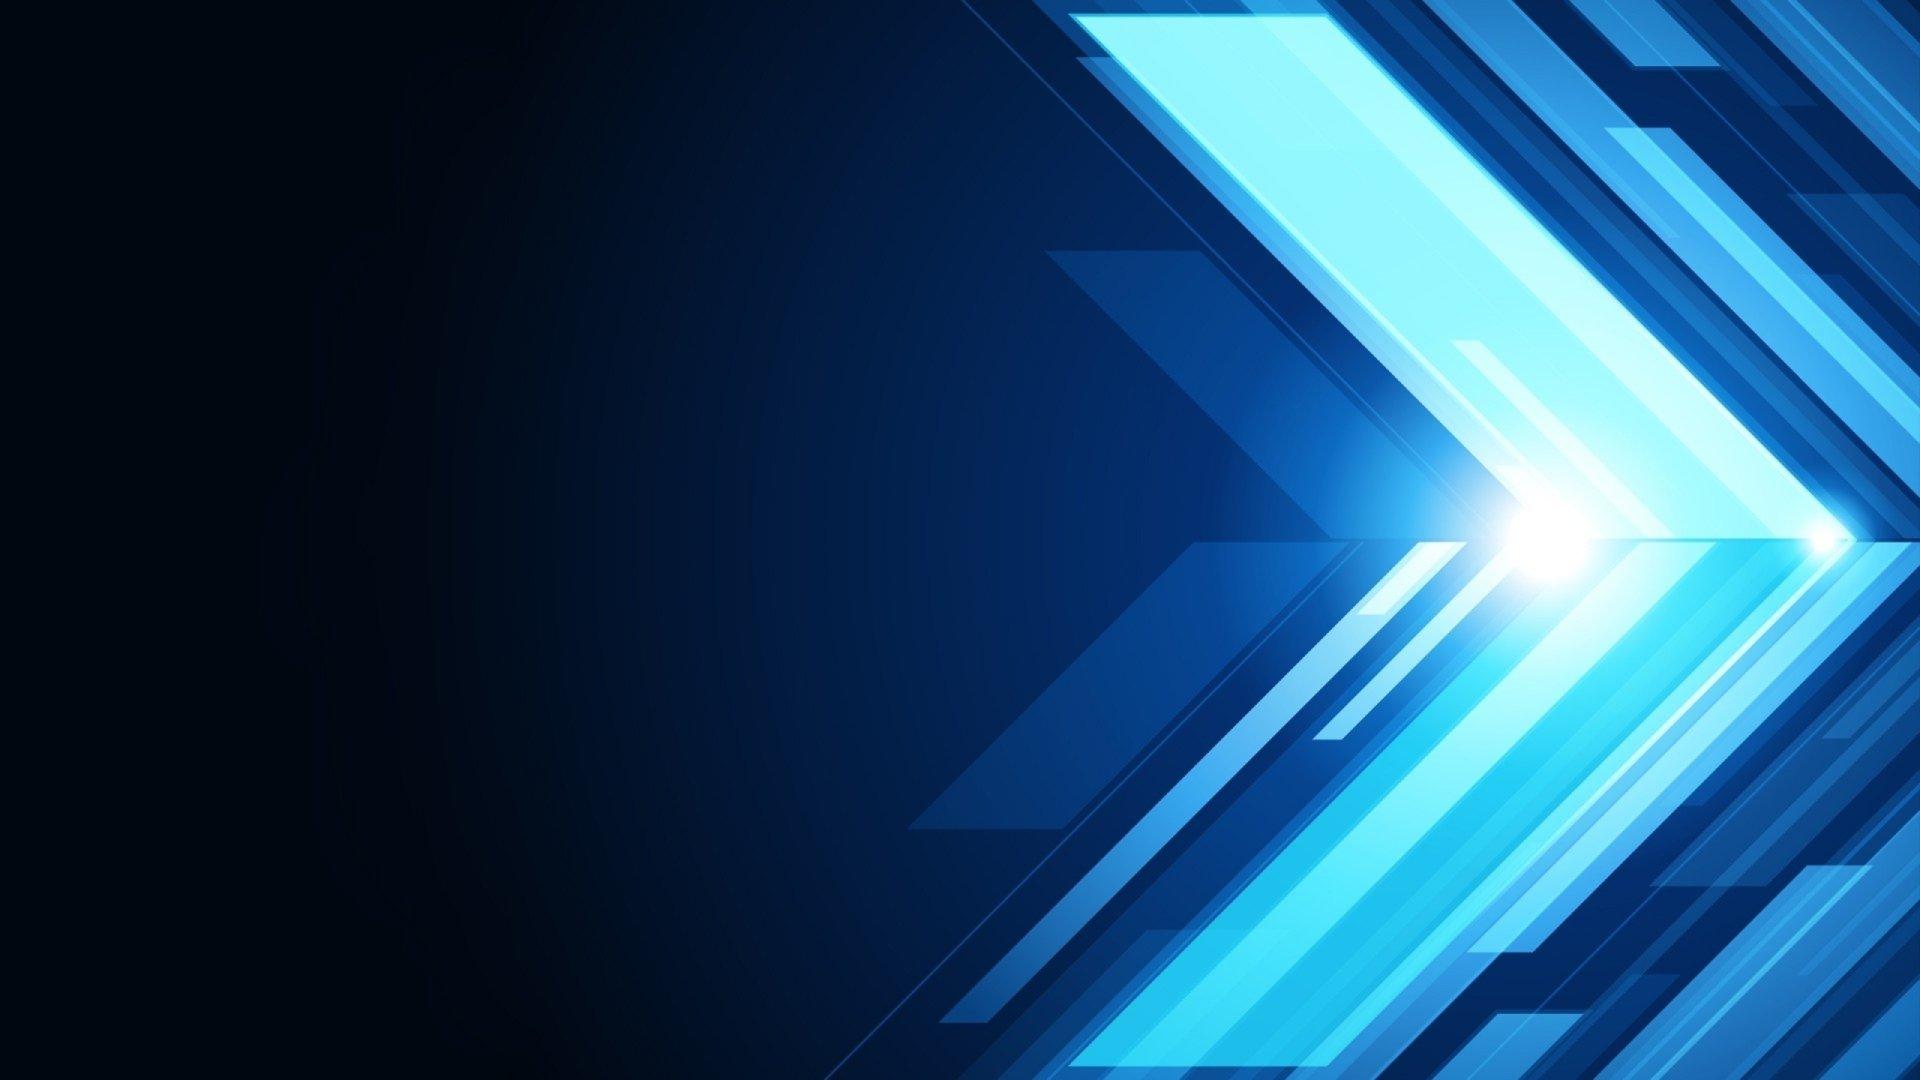 Azul Full HD Fondo De Pantalla And Fondo De Escritorio